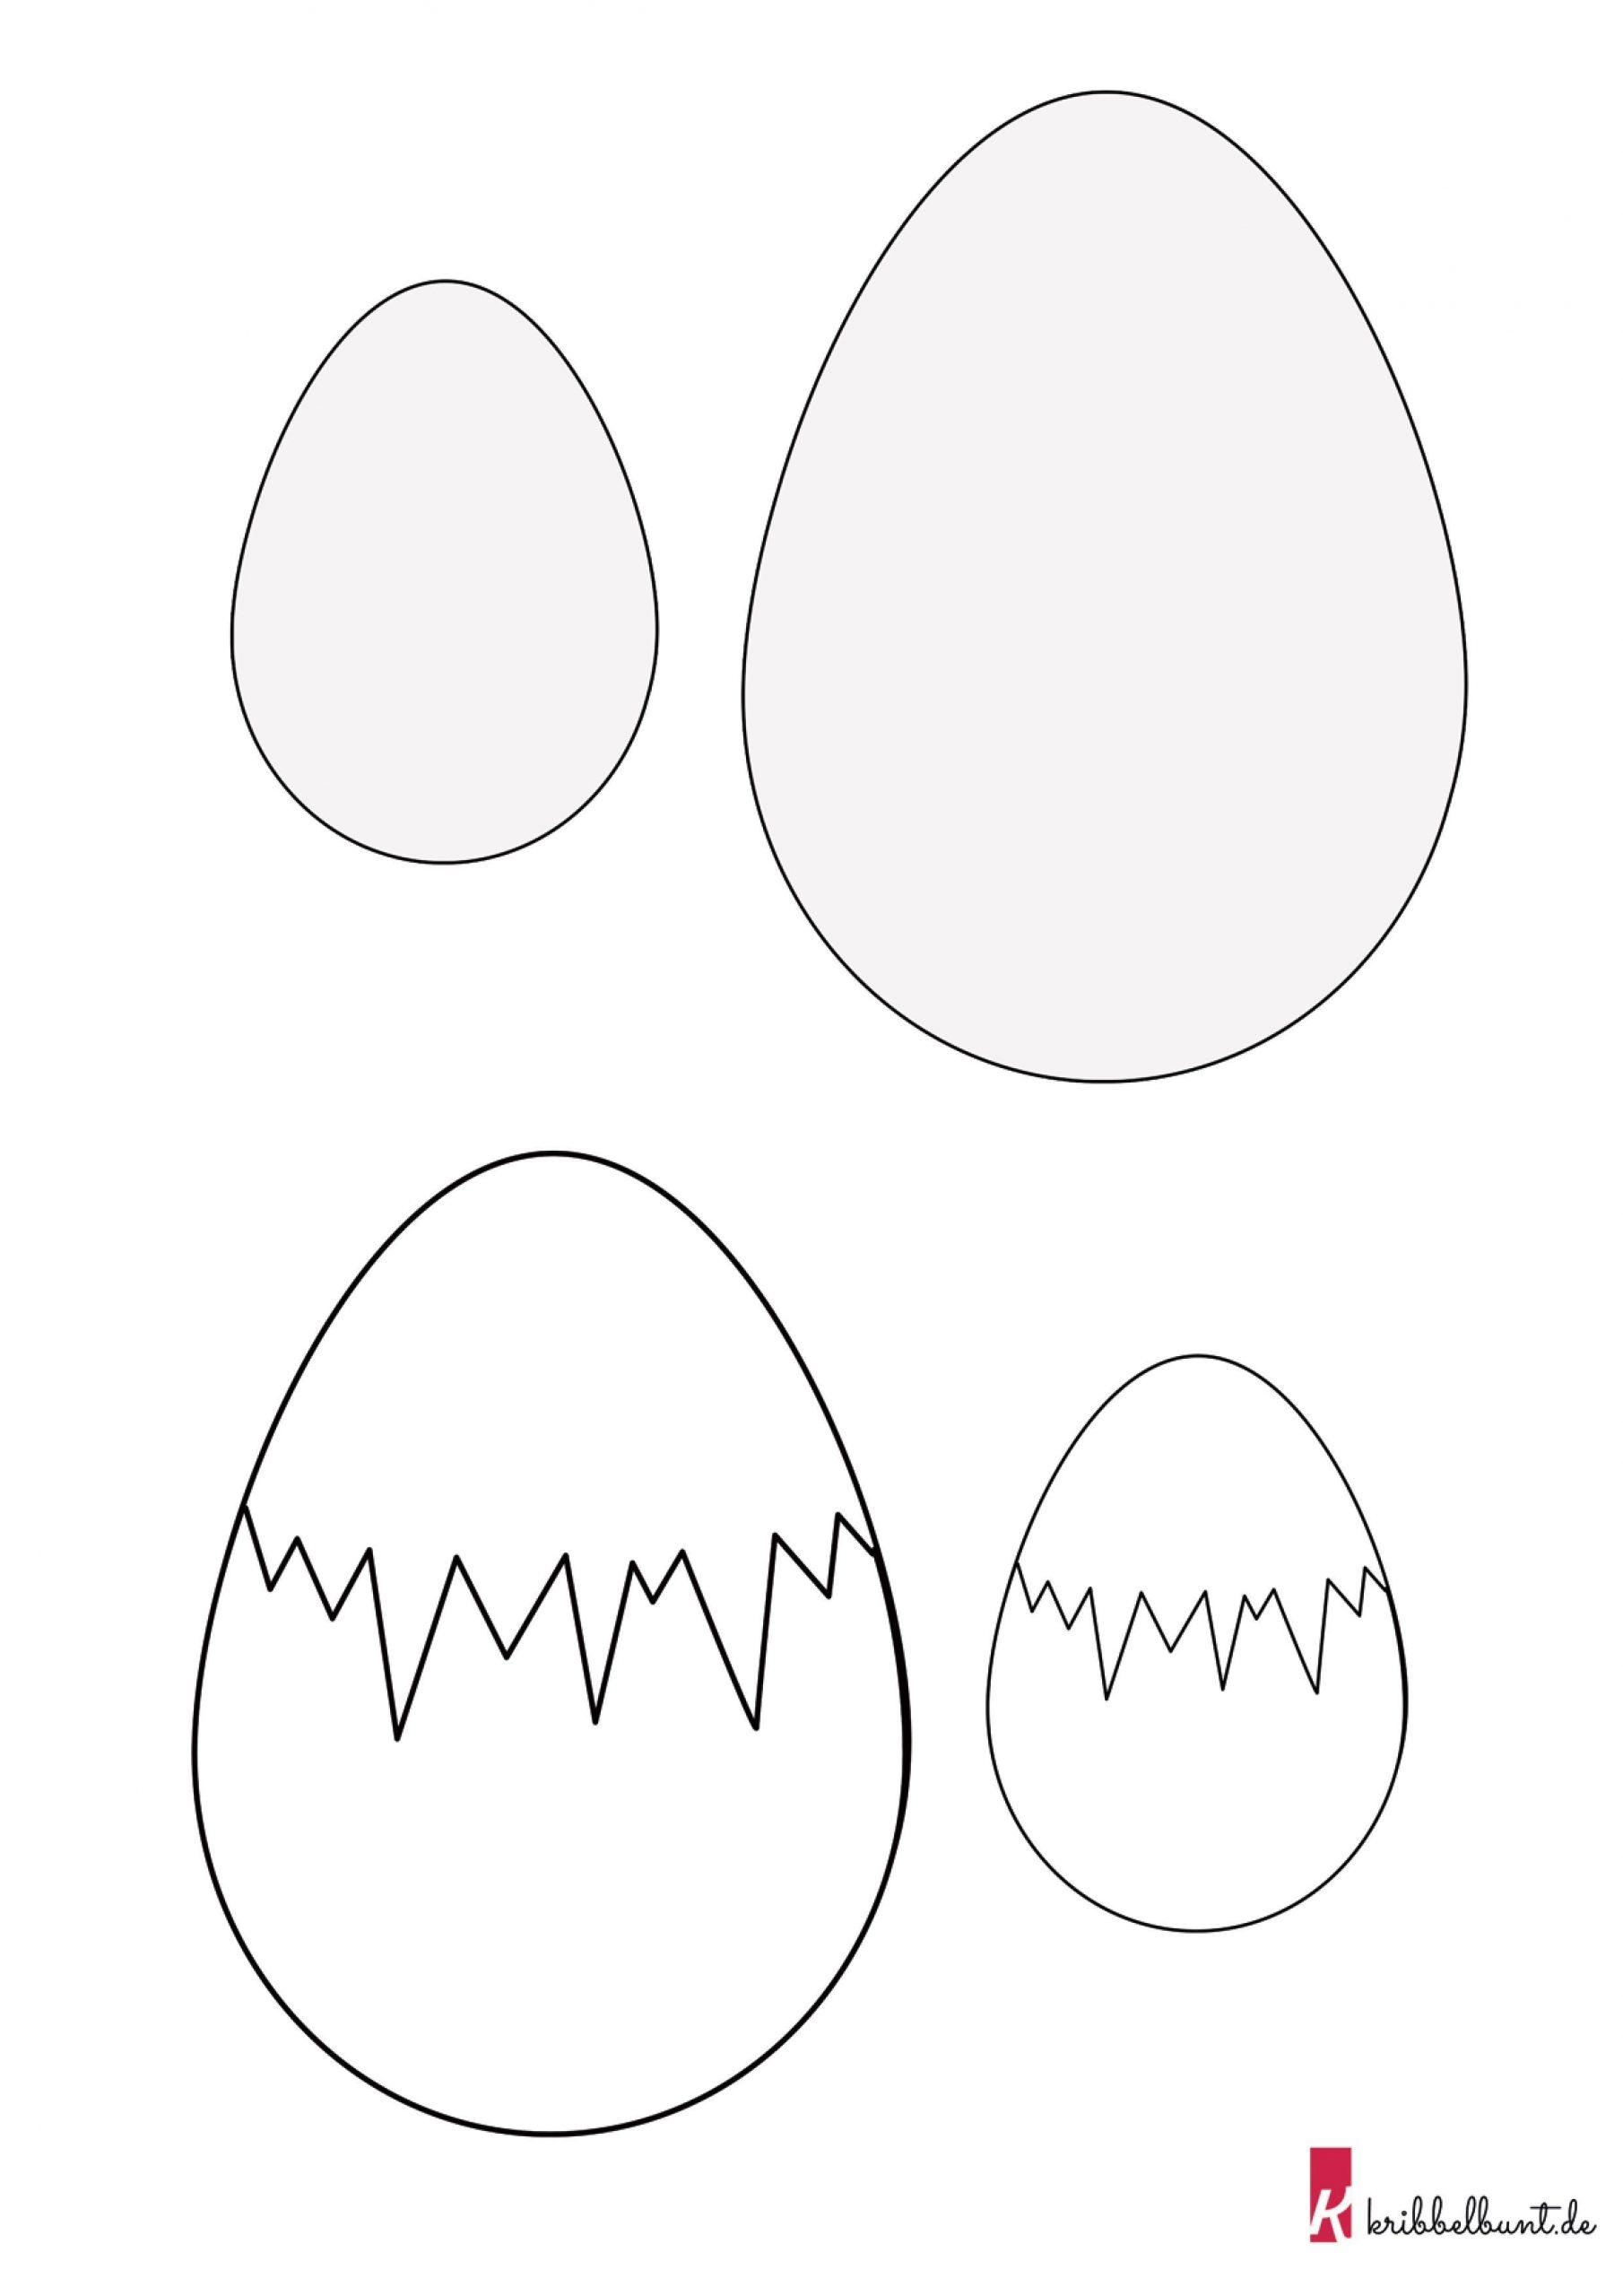 Osterei Vorlage In 2020   Osterei Vorlage, Bastelvorlagen mit Ostereier Schablonen Zum Ausdrucken